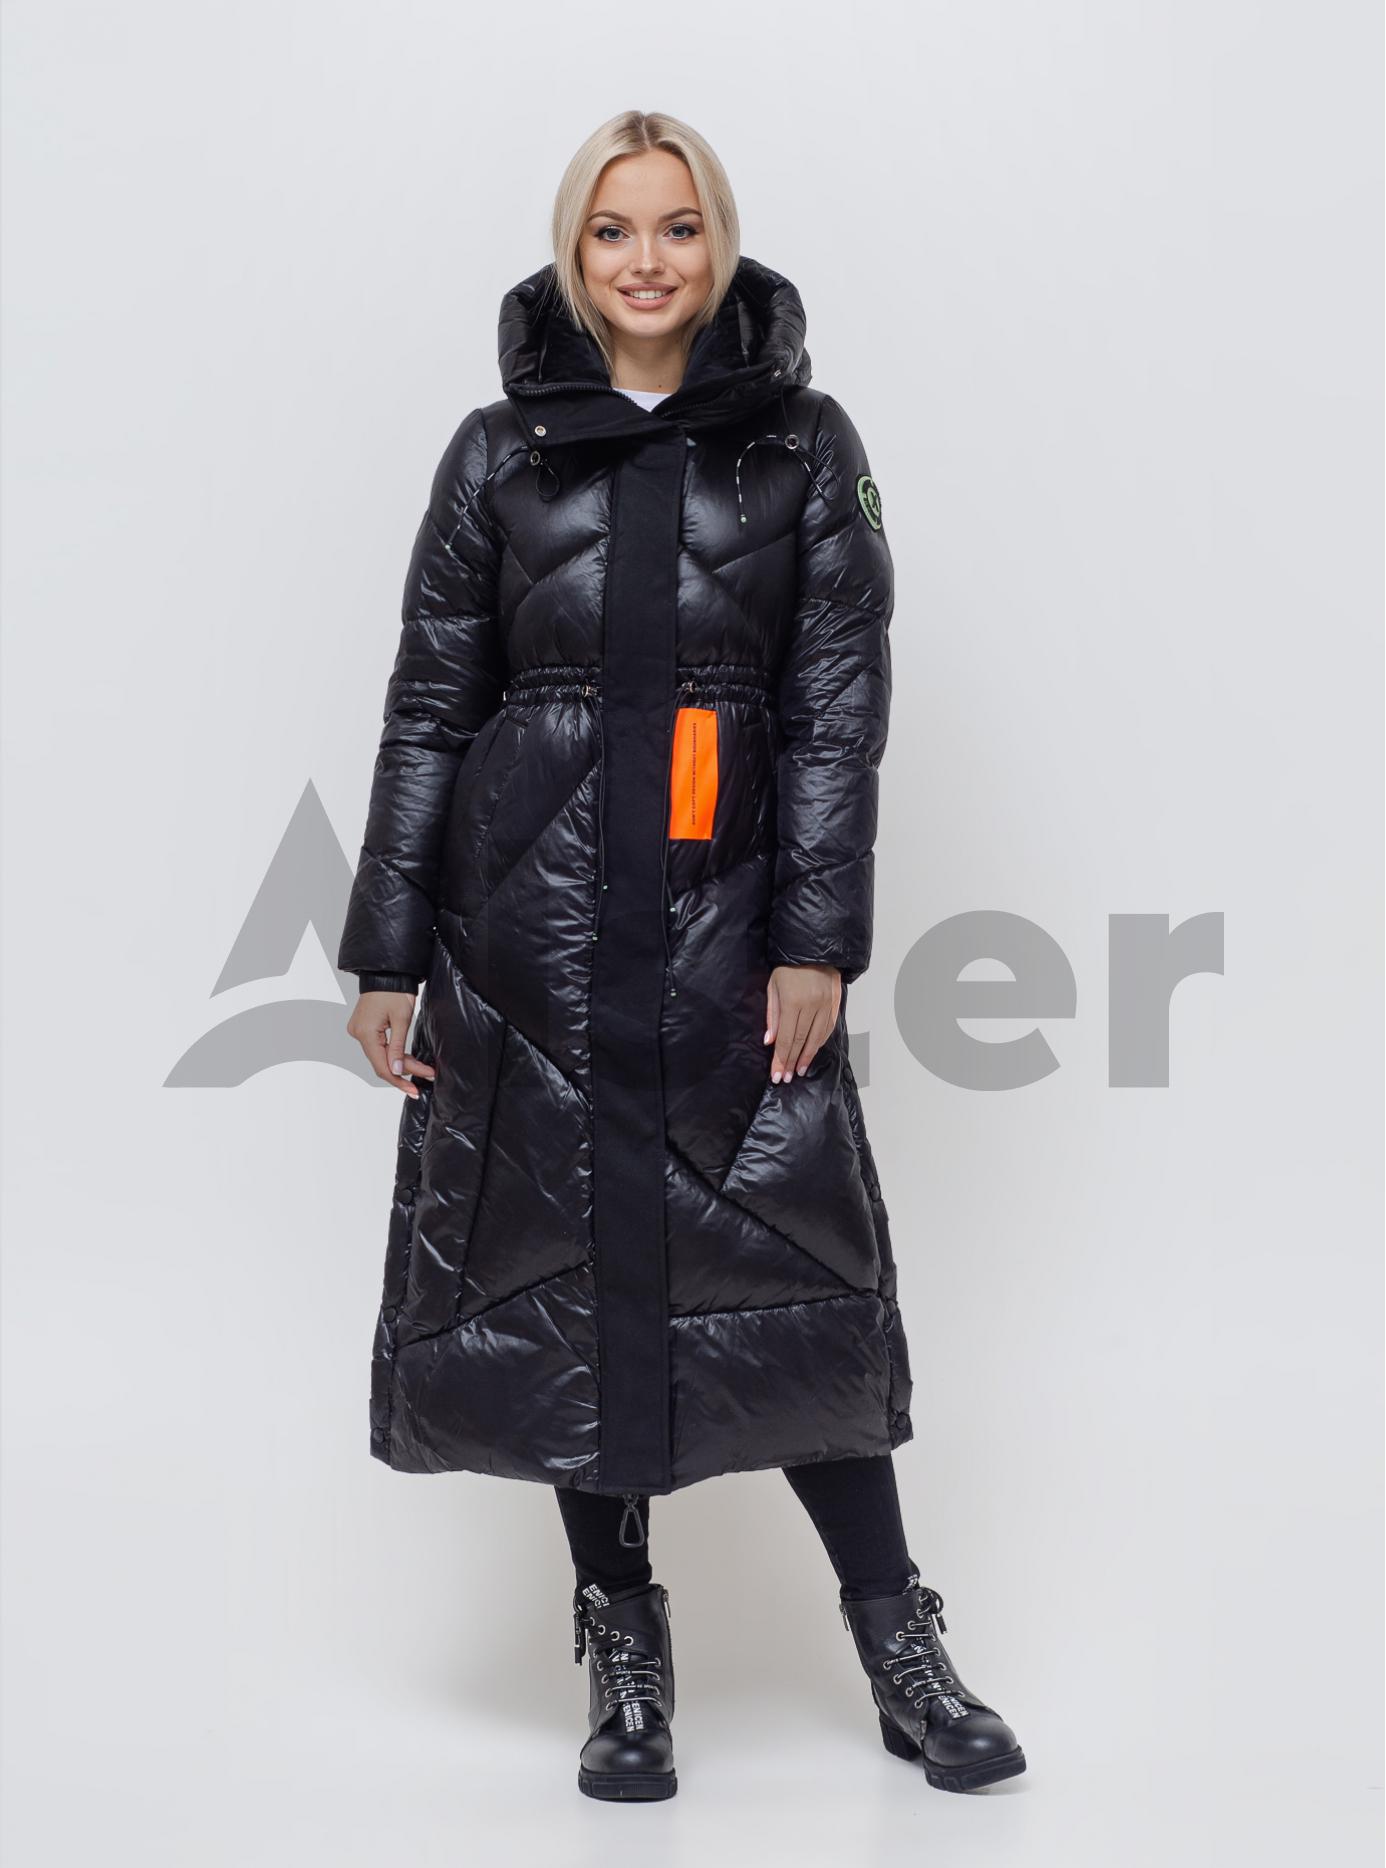 Женский пуховик с капюшоном Чёрный L (05-SV201167): фото - Alster.ua